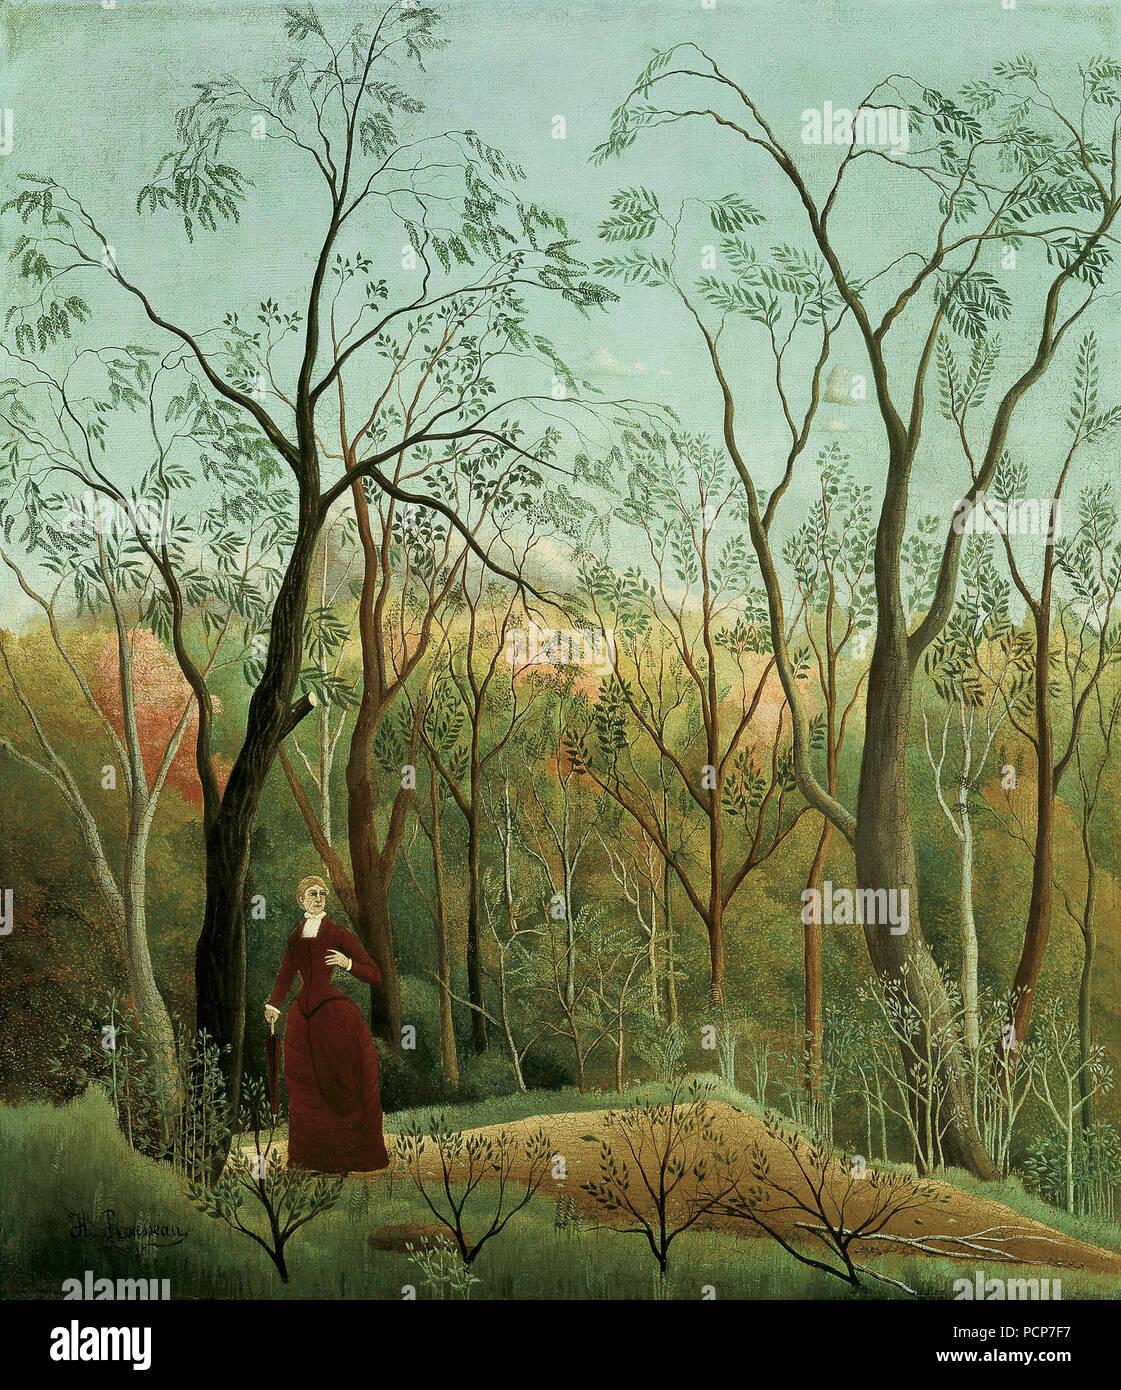 La Promenade dans la perêt (la passeggiata nella foresta), c. 1886. Presenti nella collezione del museo Kunsthaus Züricco. Immagini Stock